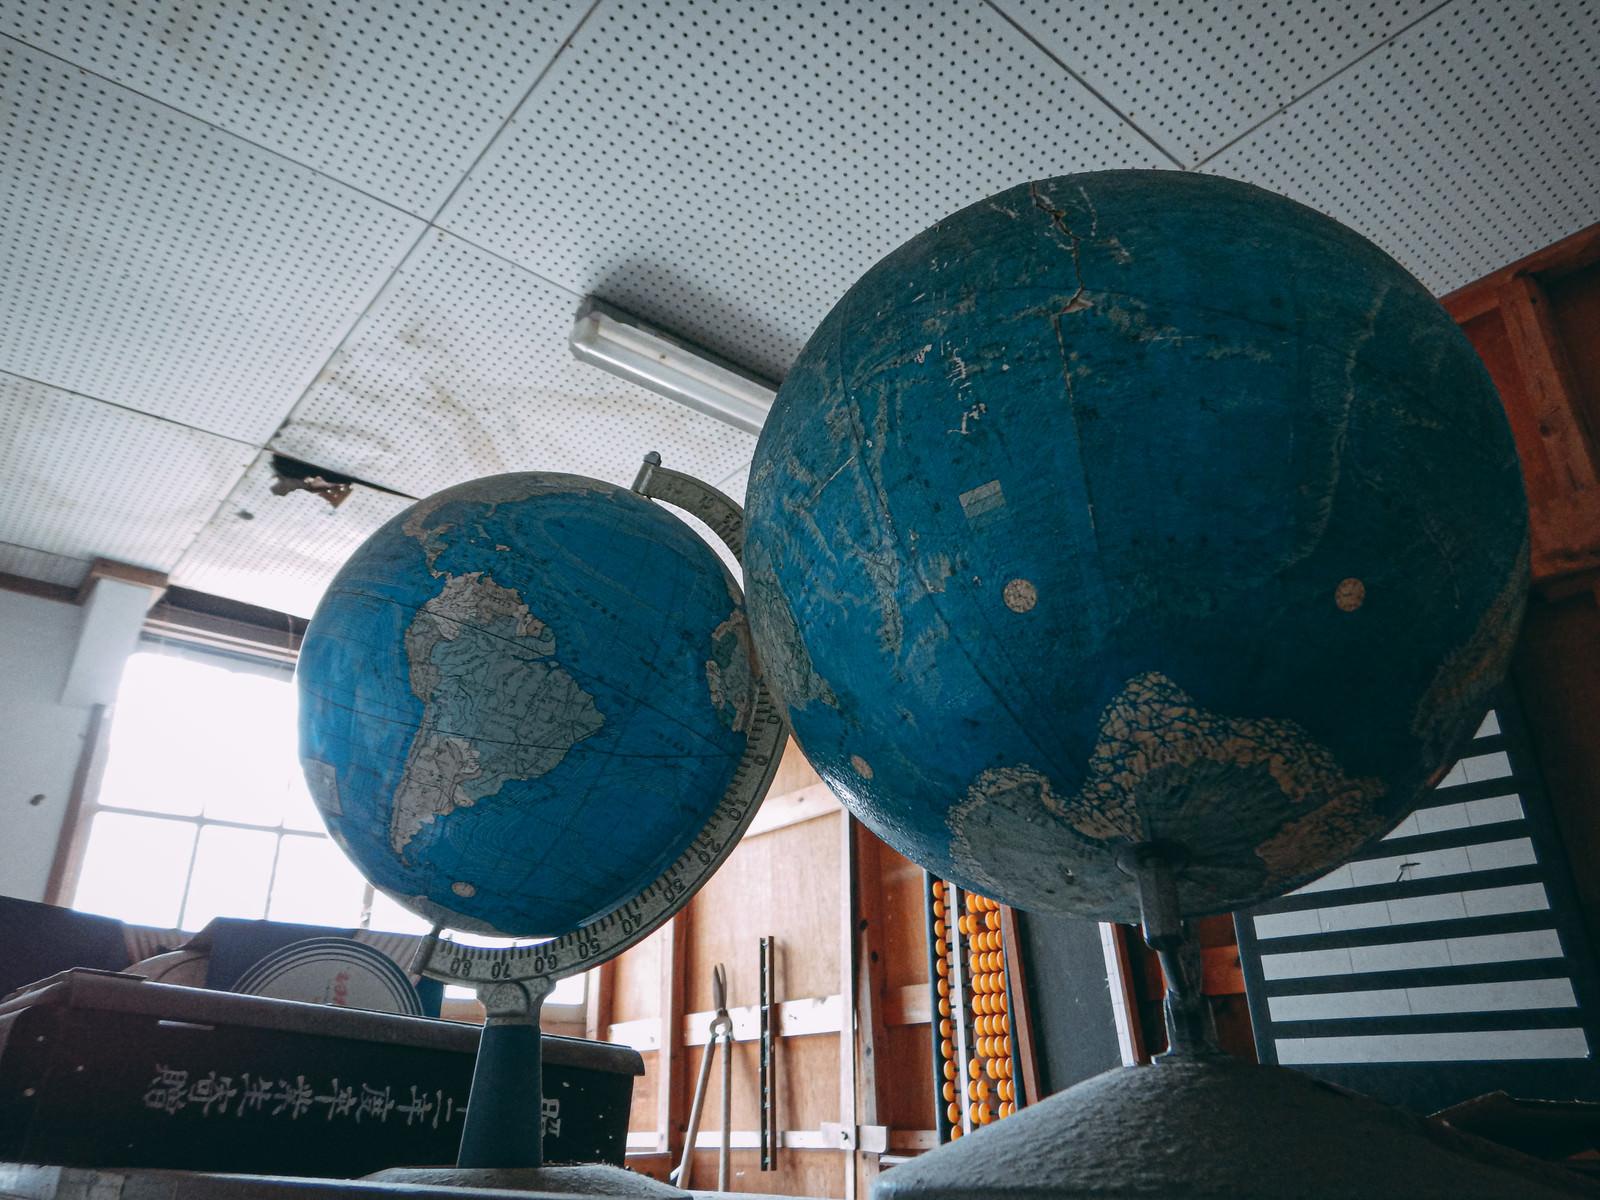 「廃校にあった古い地球儀」の写真